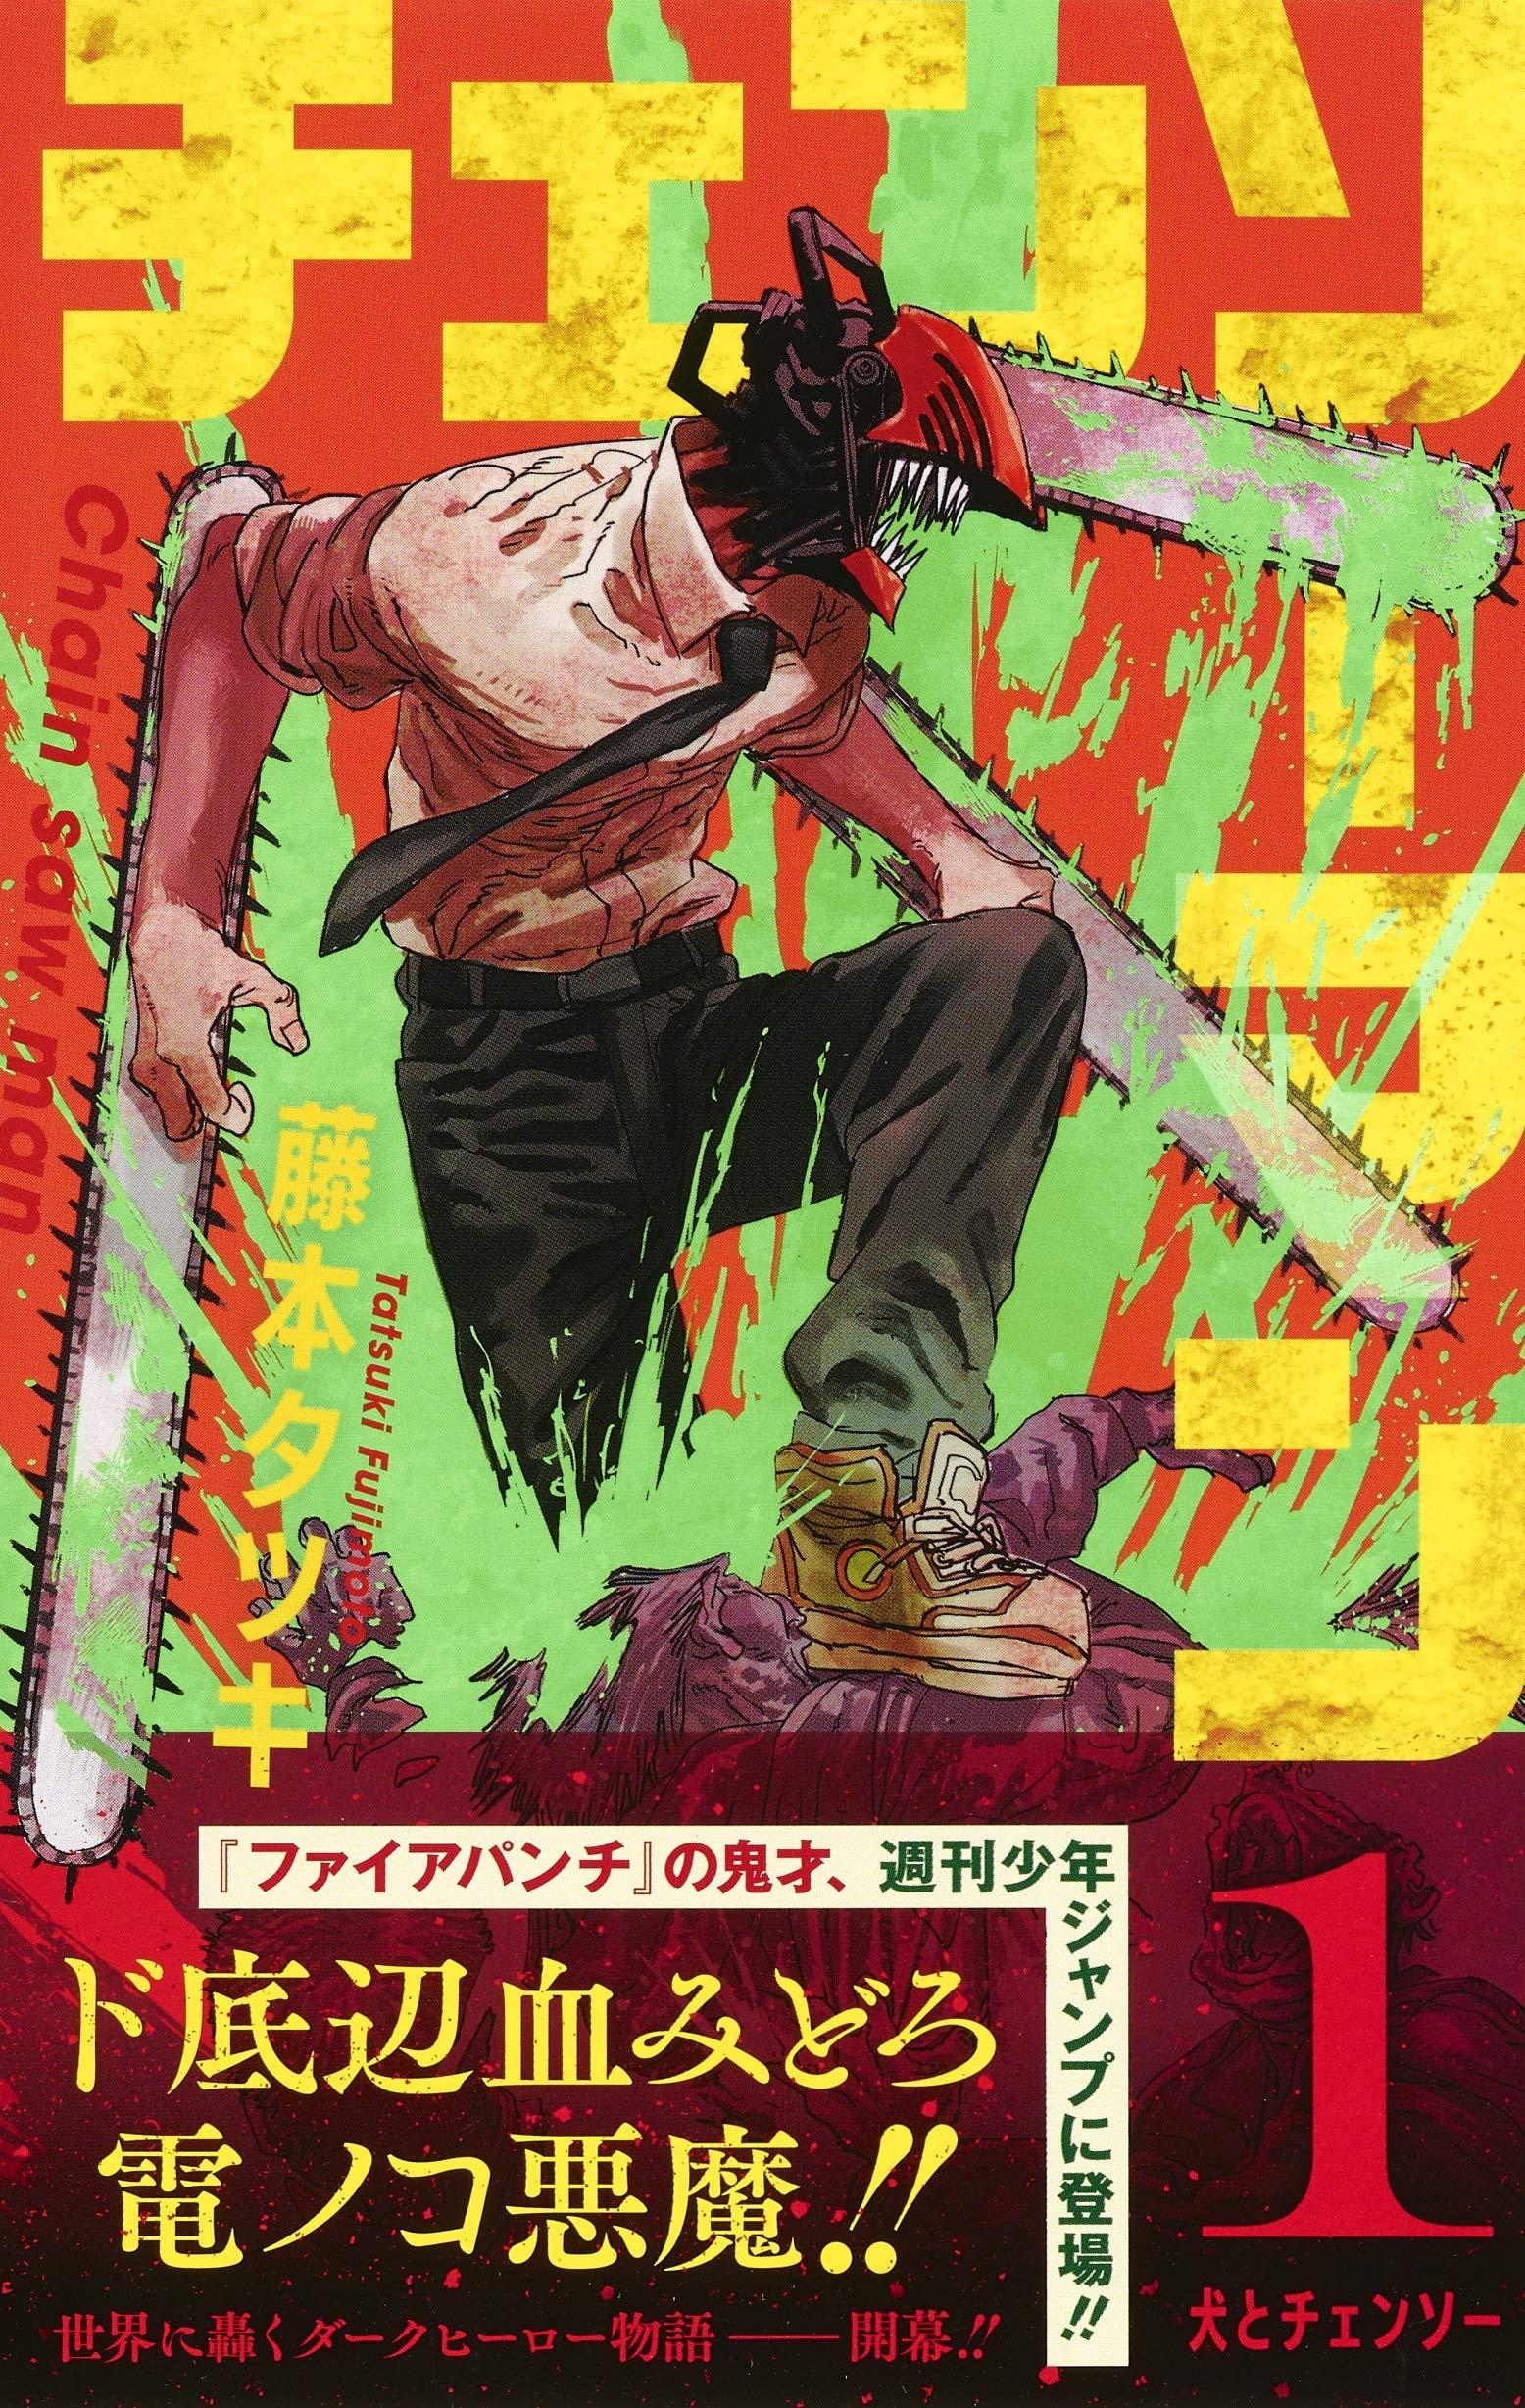 藤本タツキ先生「チェンソーマン」1巻表紙カバー